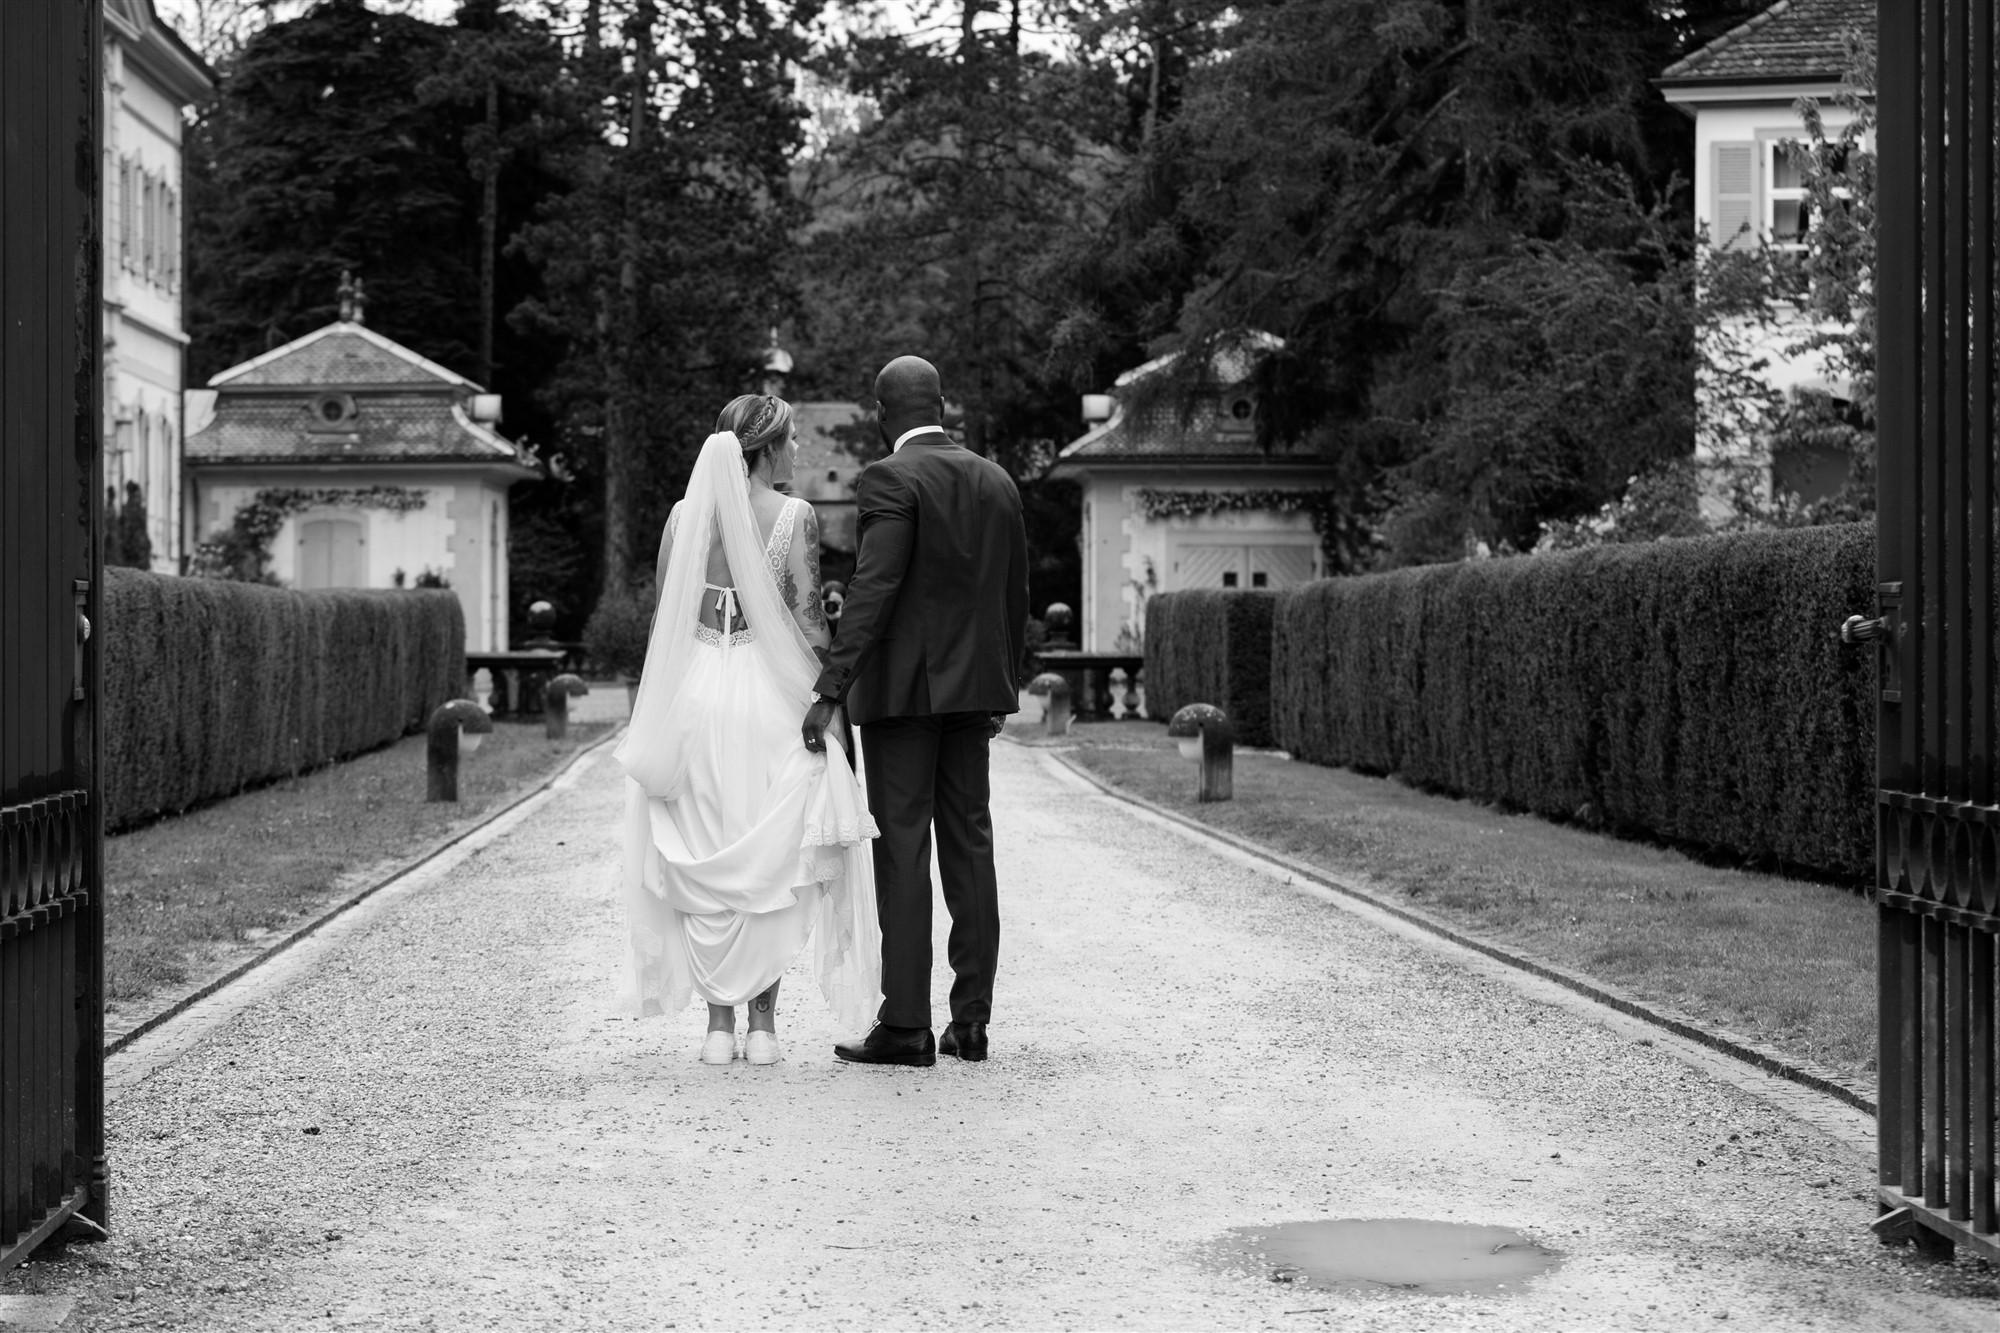 Authentisches und natürliches Brautpaar Fotoshooting